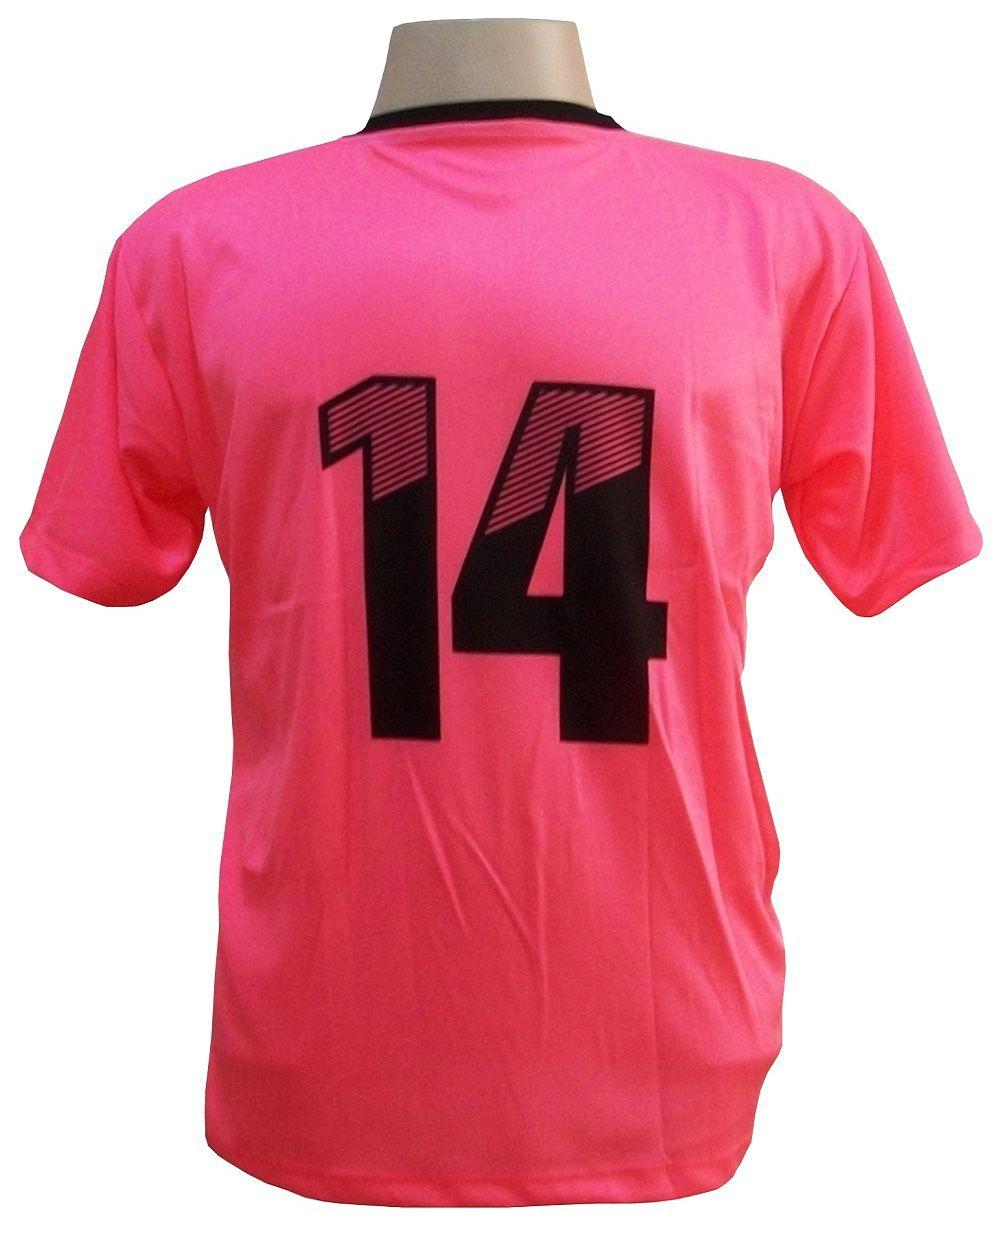 Fardamento Completo modelo Roma Rosa/Preto 12+1 (12 camisas + 12 calções + 12 pares de meiões + 1 conjunto de goleiro) + Brindes